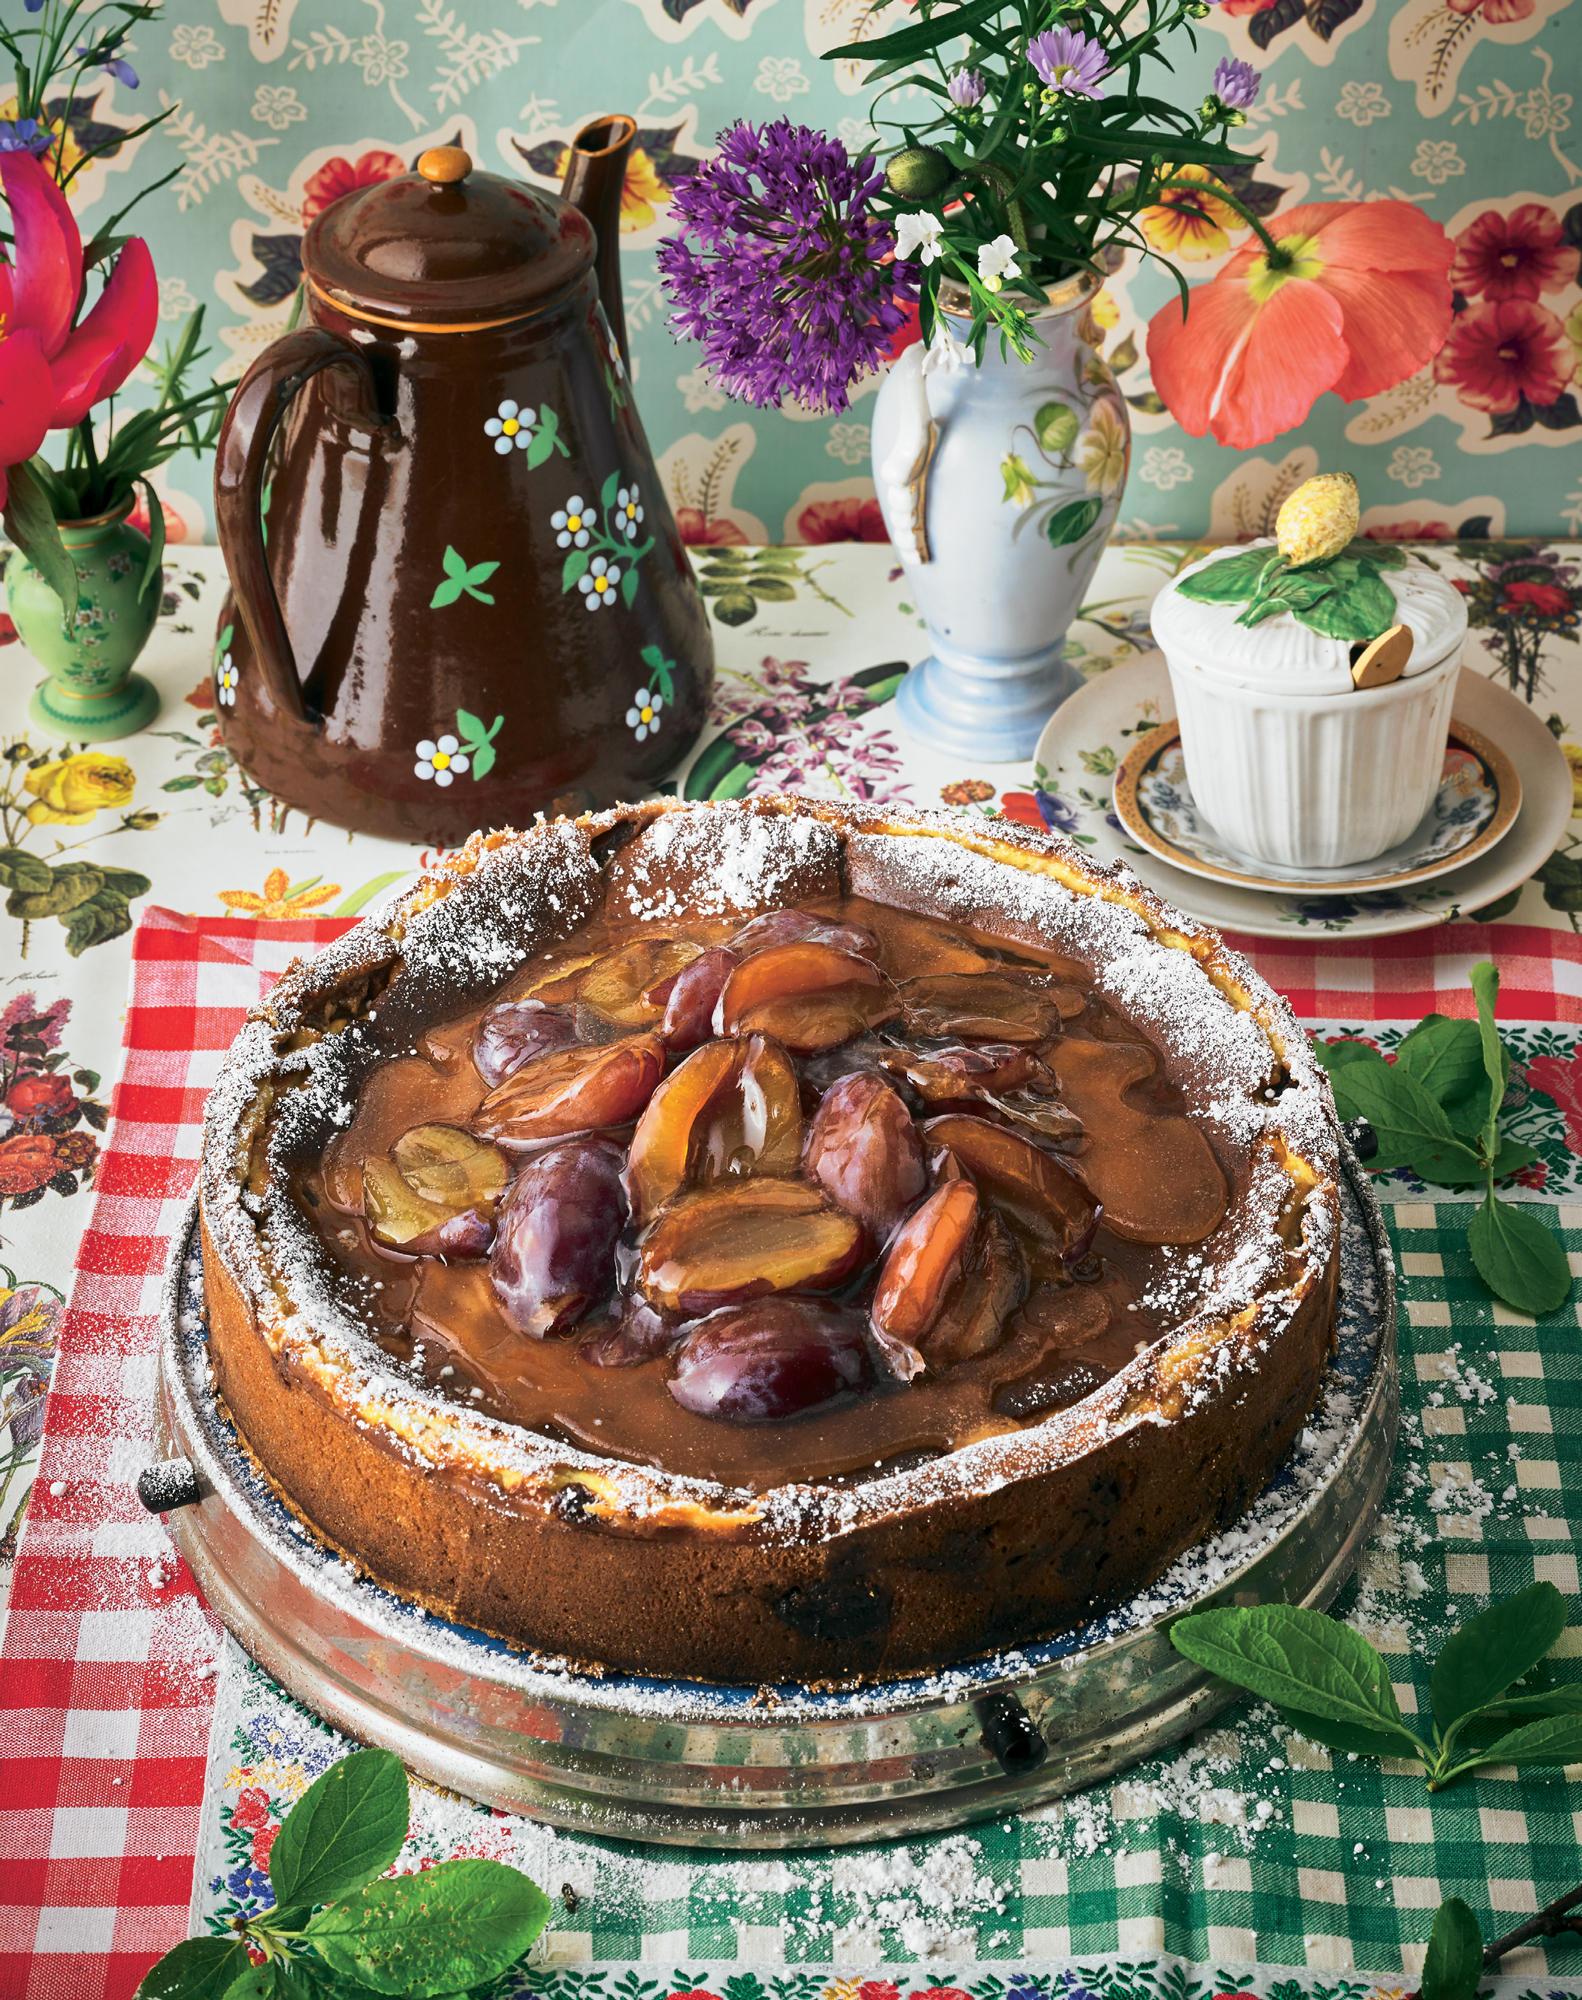 Gute obstkuchen rezepte beliebte gerichte und rezepte for Gute schnelle gerichte